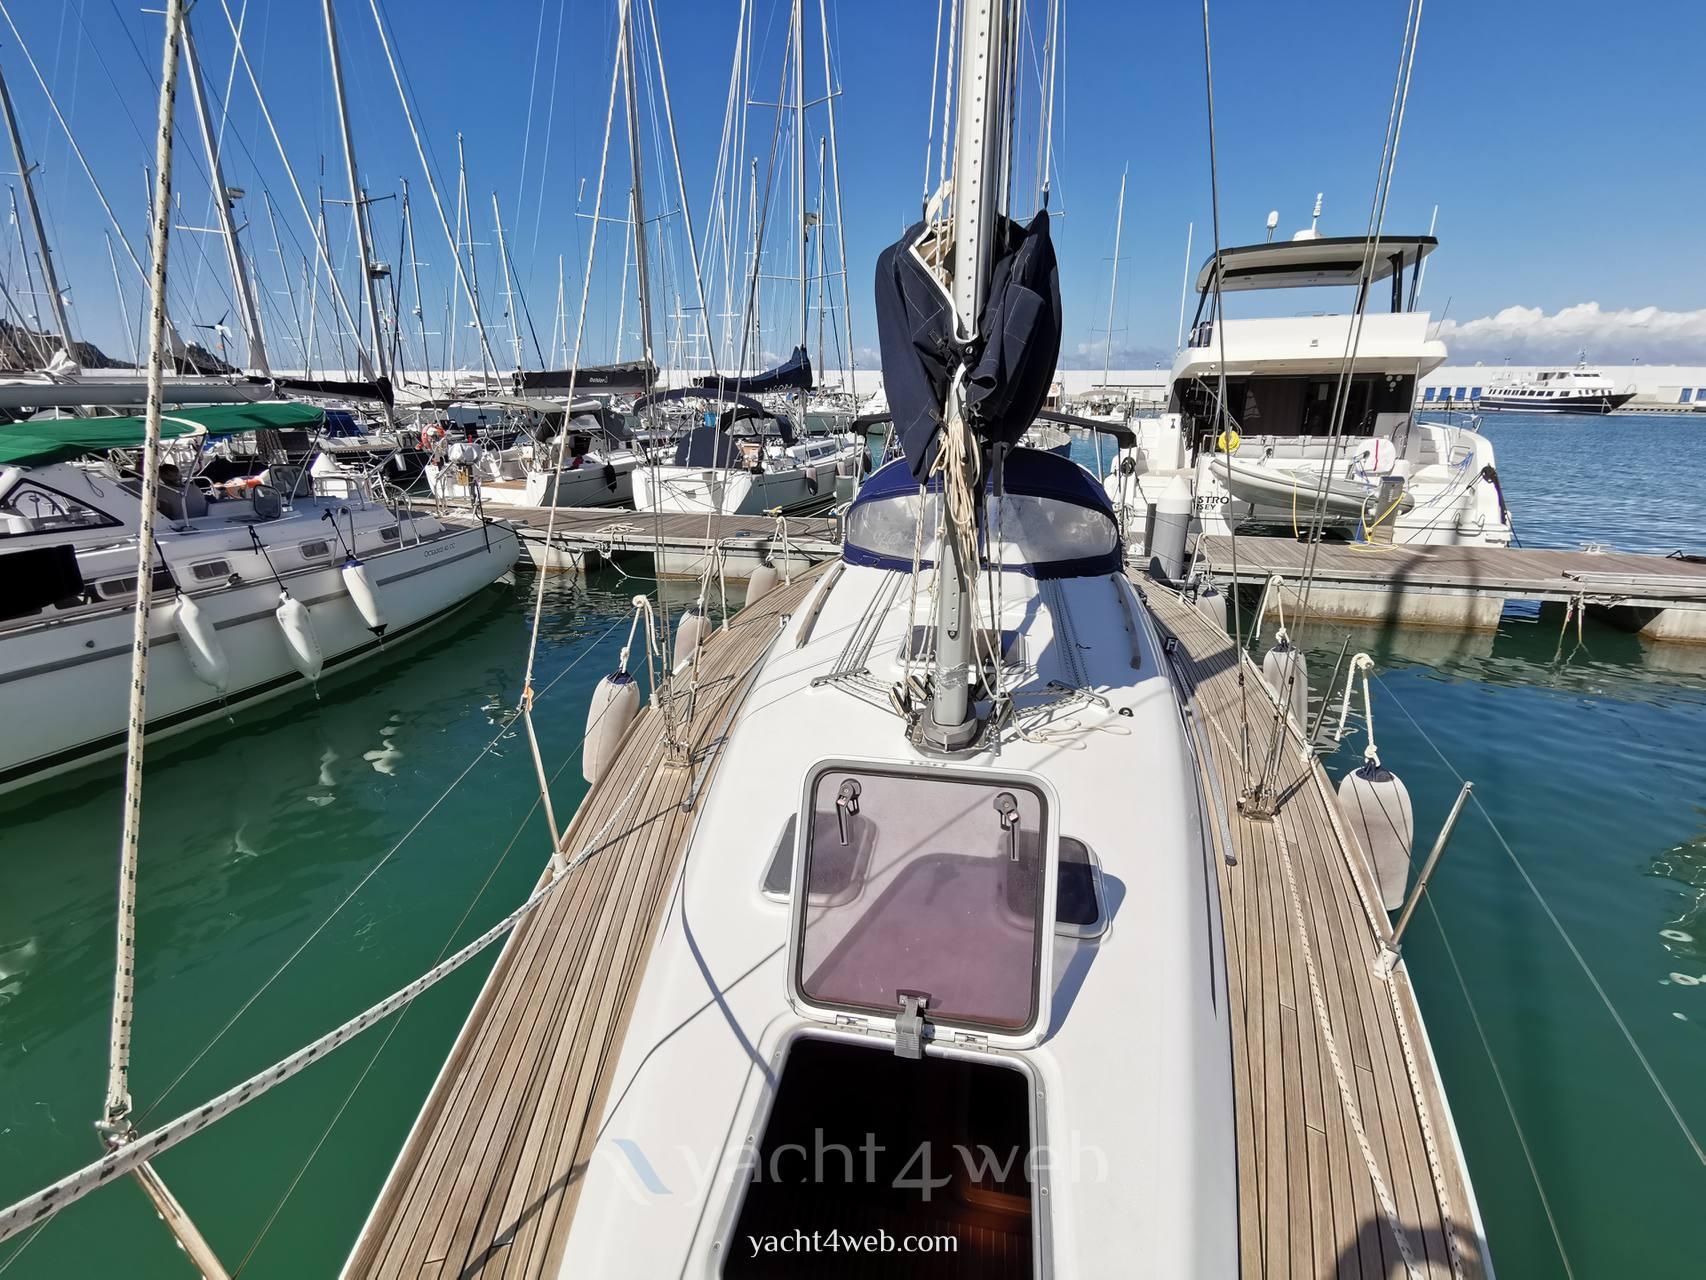 Grand Soleil 40 Barca a vela usata in vendita